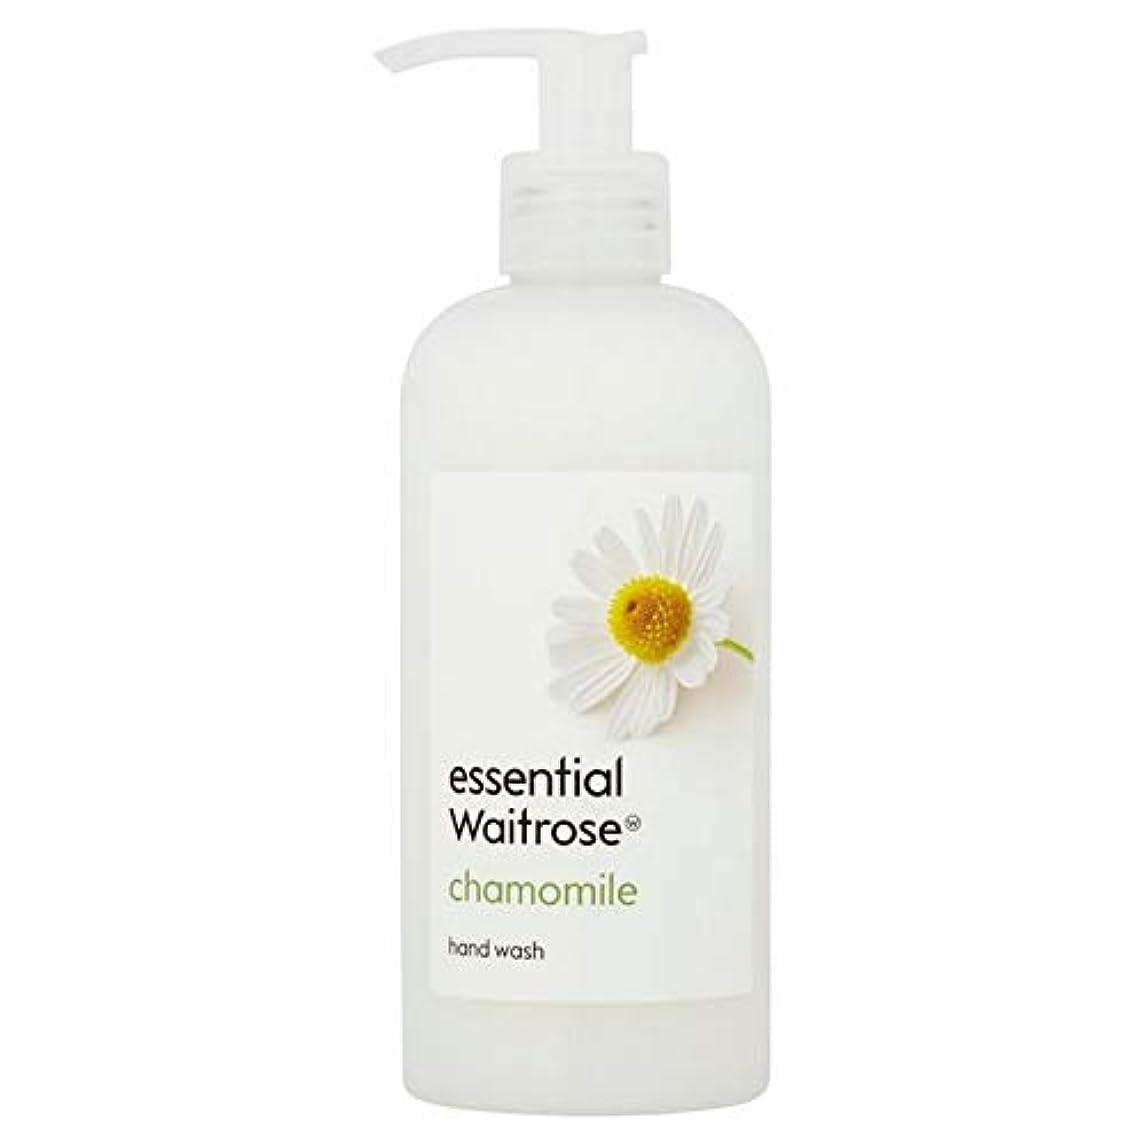 ブラザー正規化破壊的[Waitrose ] 基本的なウェイトローズのハンドウォッシュカモミール300ミリリットル - Essential Waitrose Hand Wash Chamomile 300ml [並行輸入品]